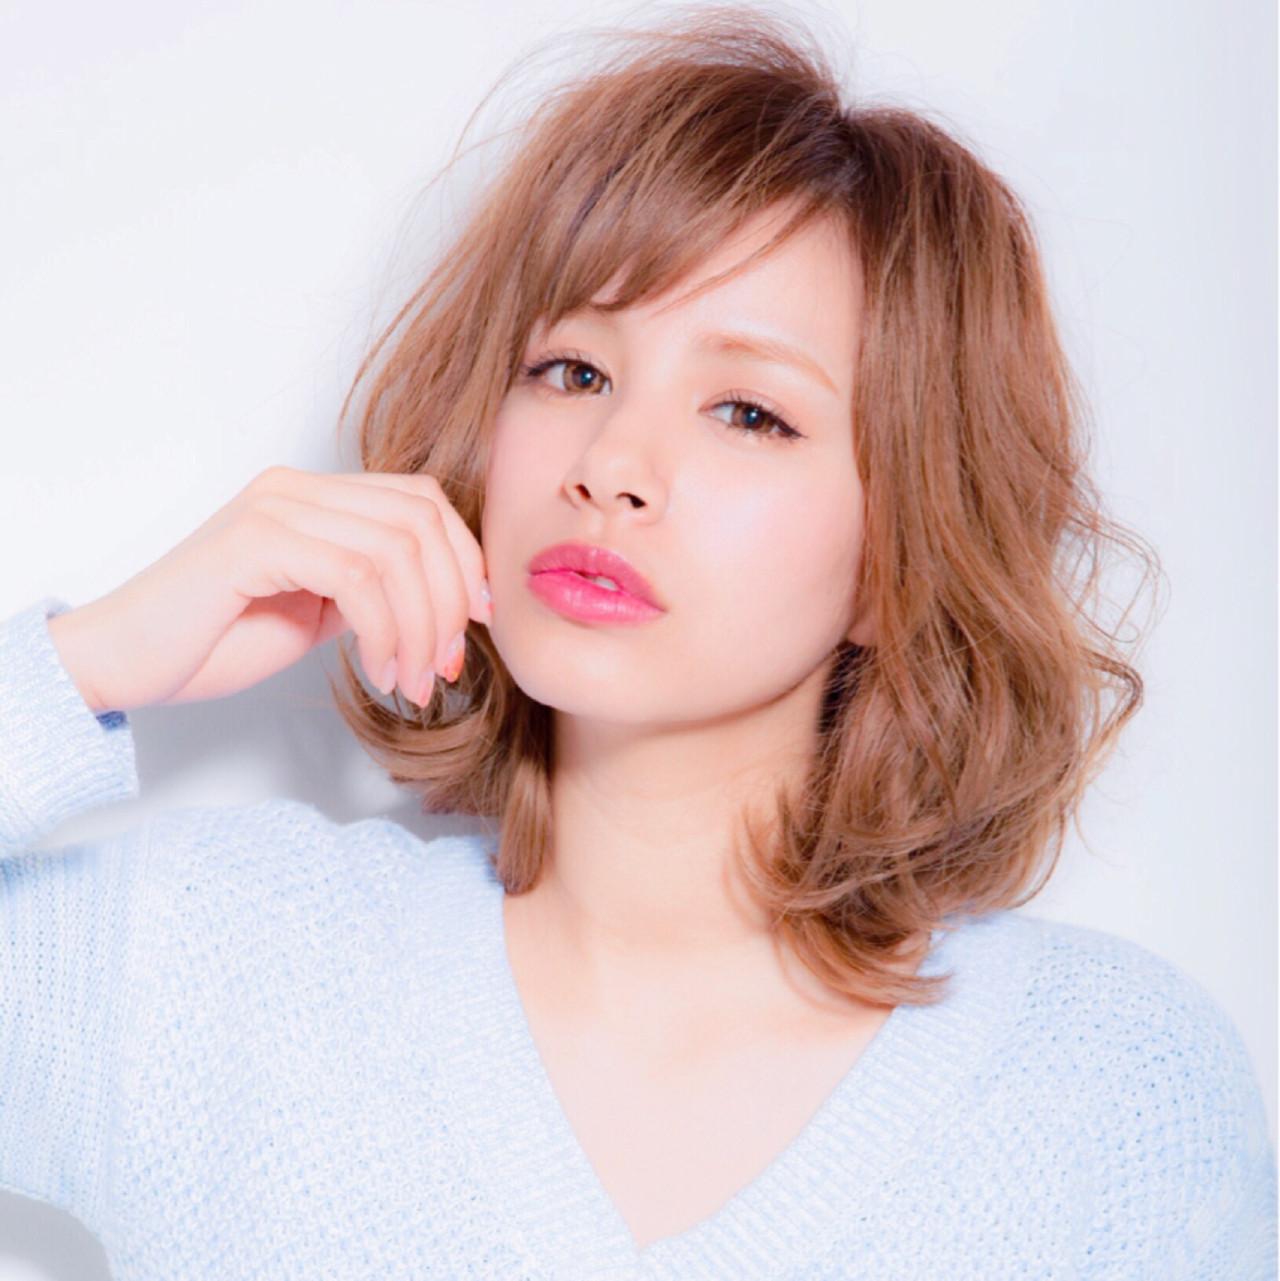 色気 ナチュラル ショートバング グレージュ ヘアスタイルや髪型の写真・画像 | すーちゃん /